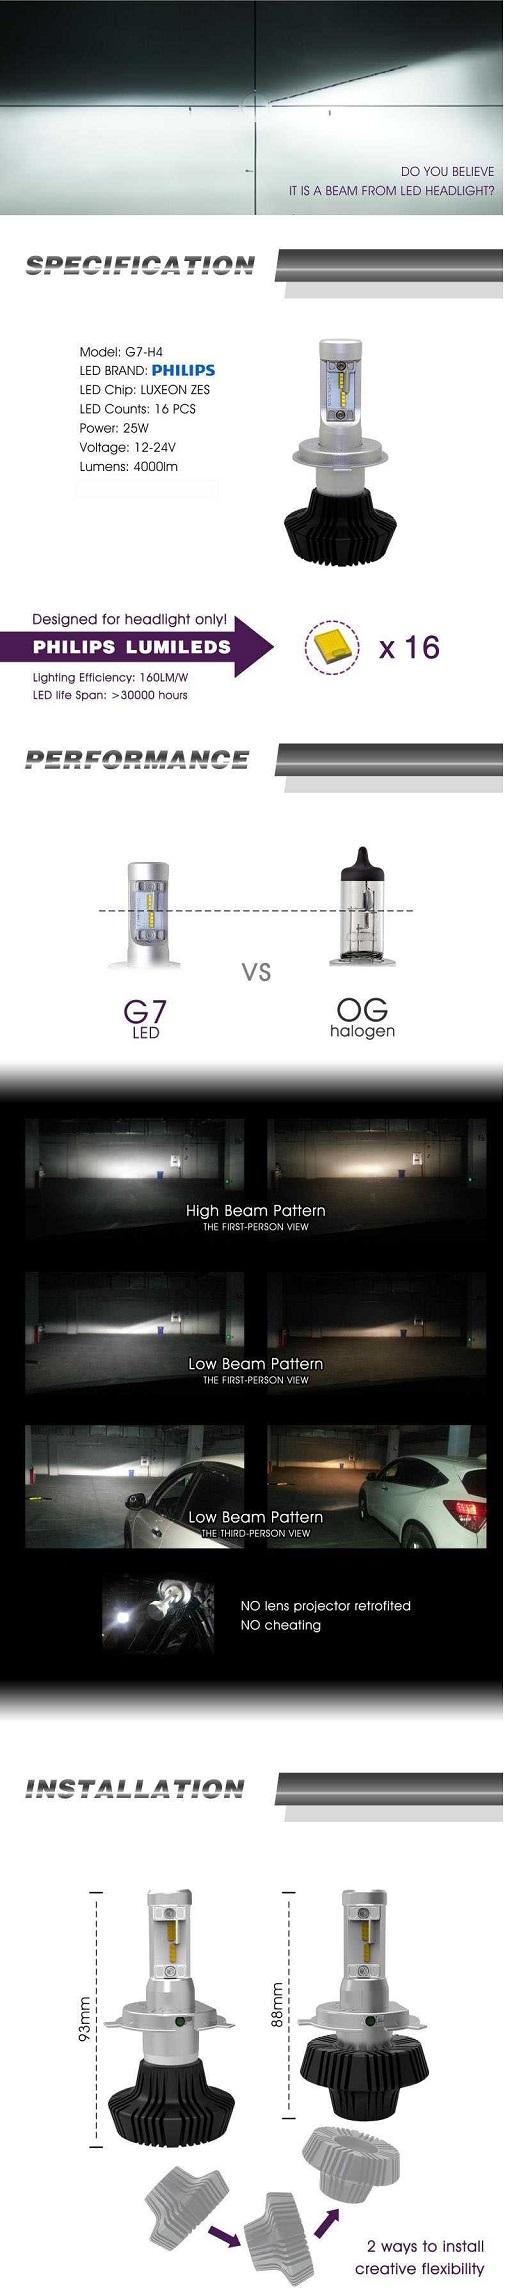 H4-LED-PHILIPS-7.jpg (505×2294)